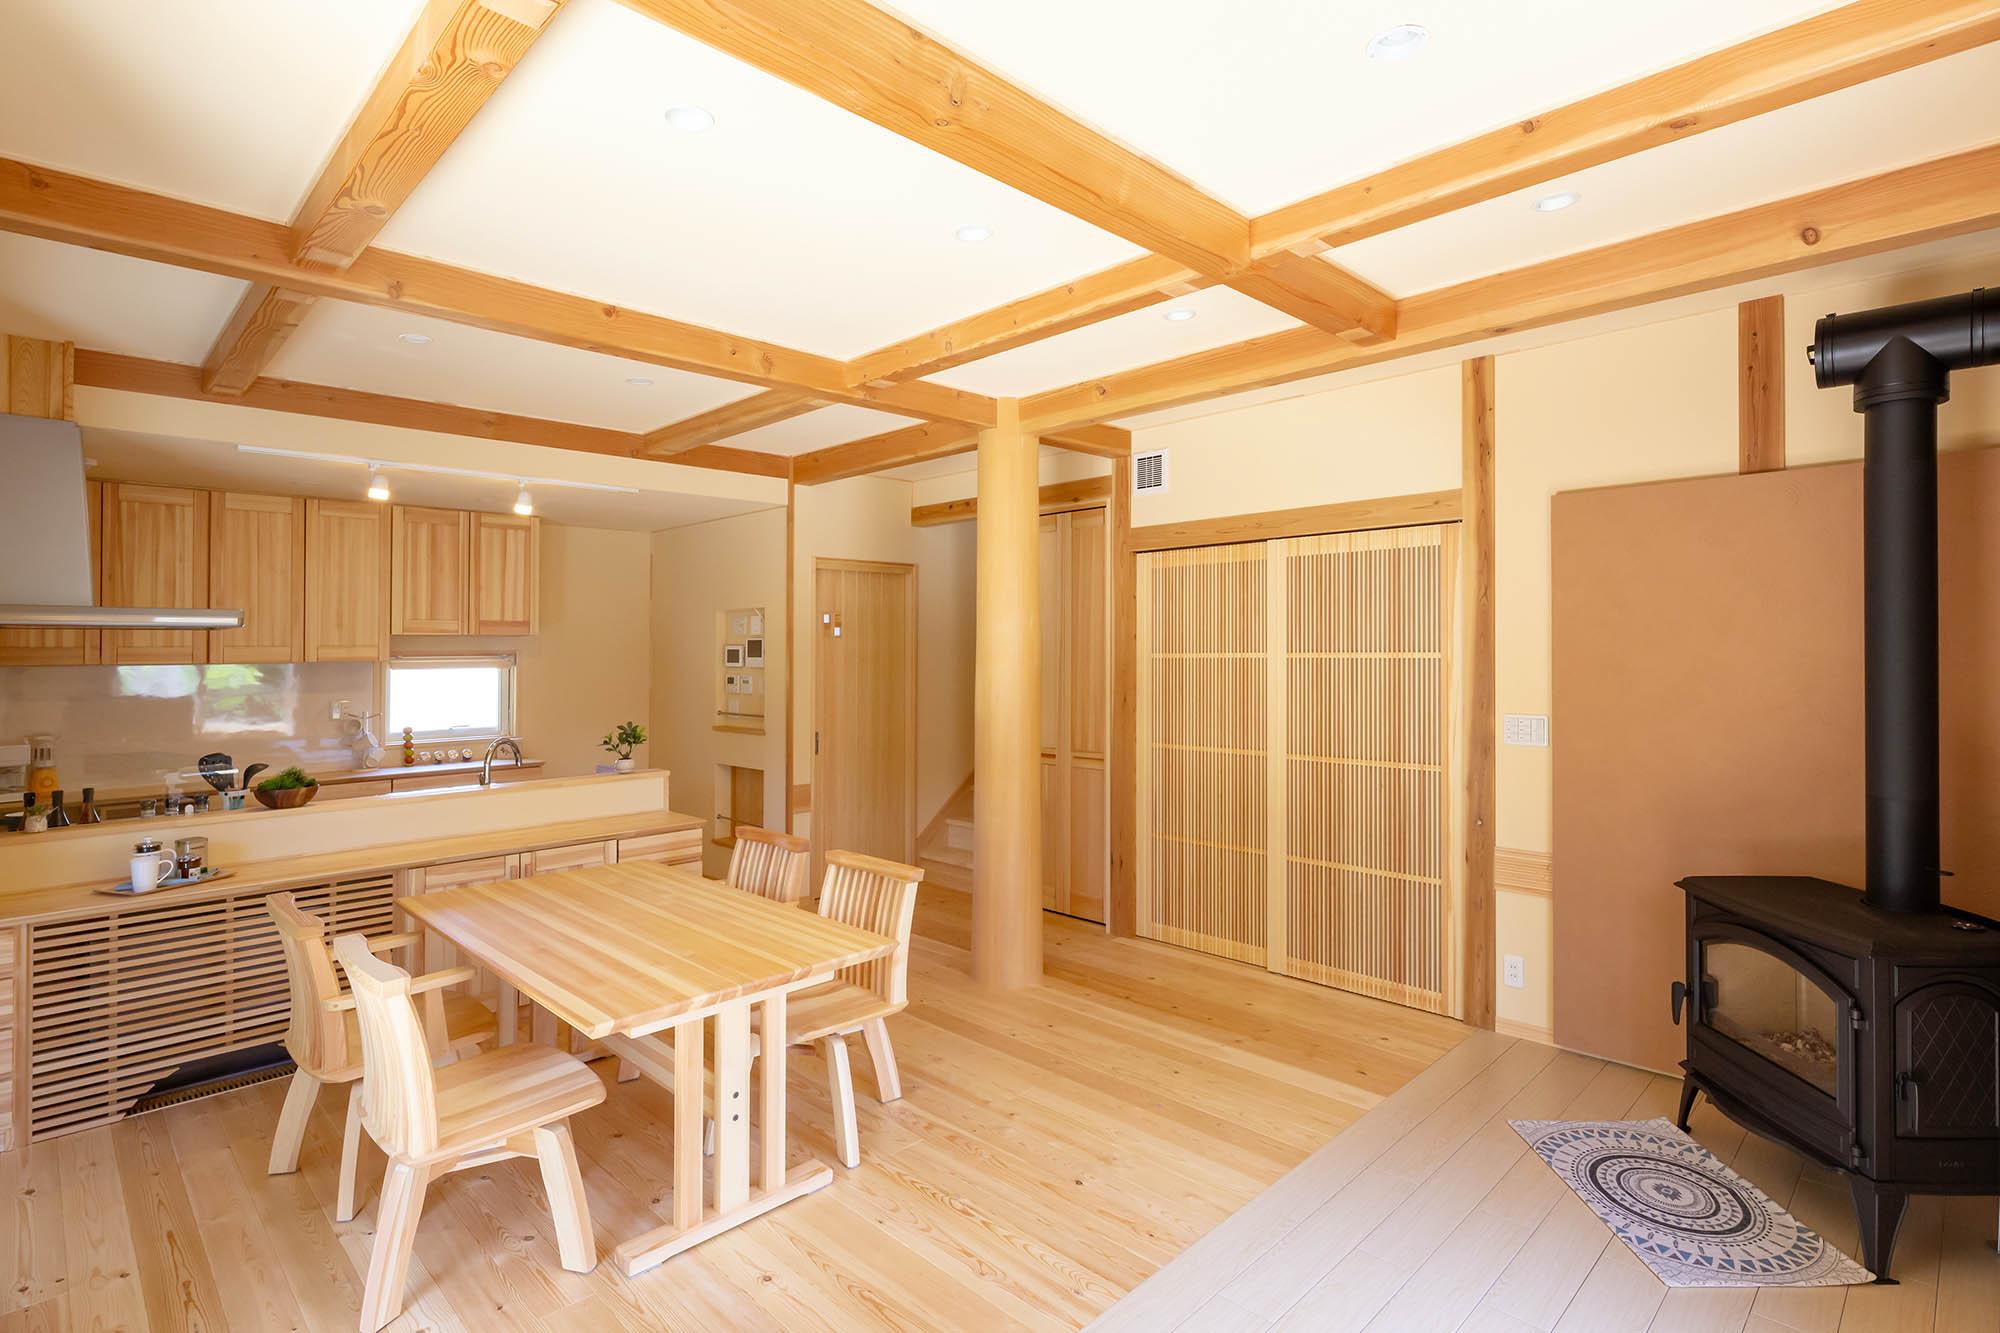 石井建築設計事務所のモデルハウス